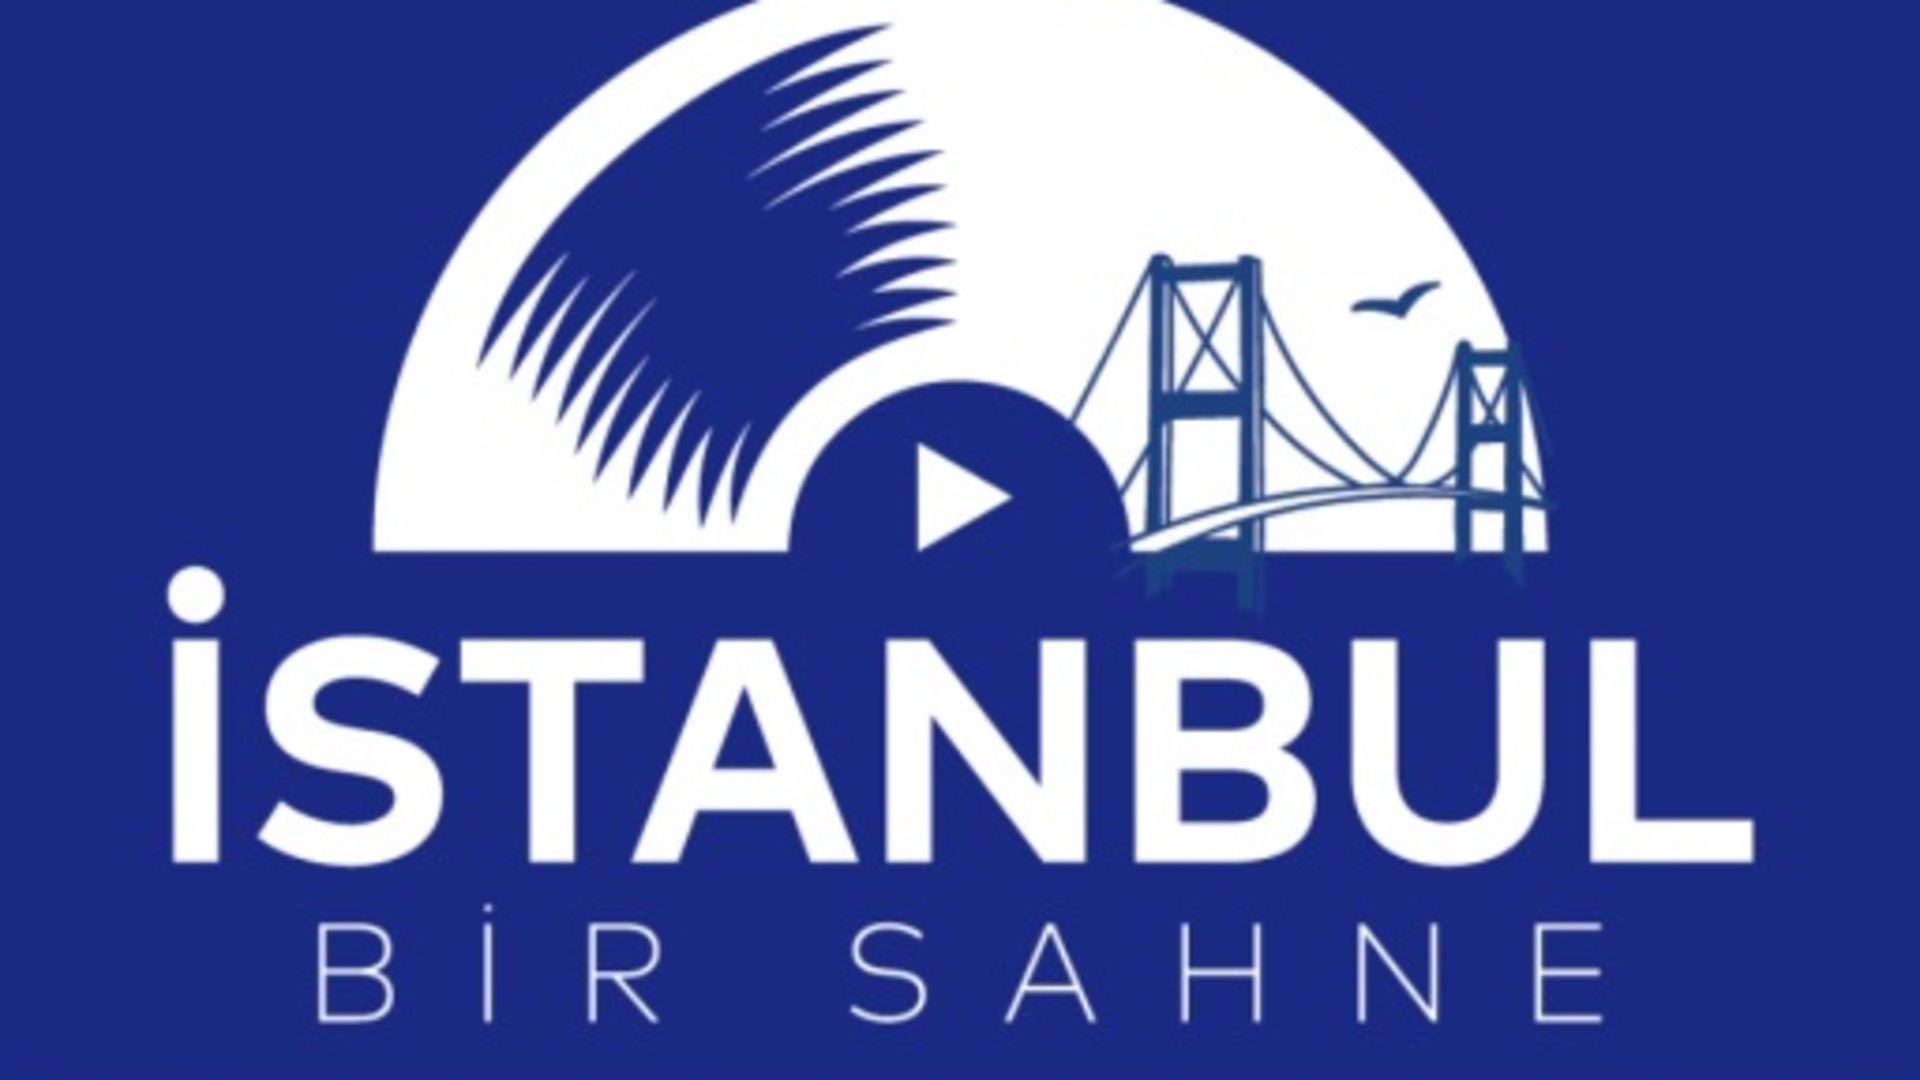 İstanbul Dev Bir Açık Hava Sahnesine Dönüşecek